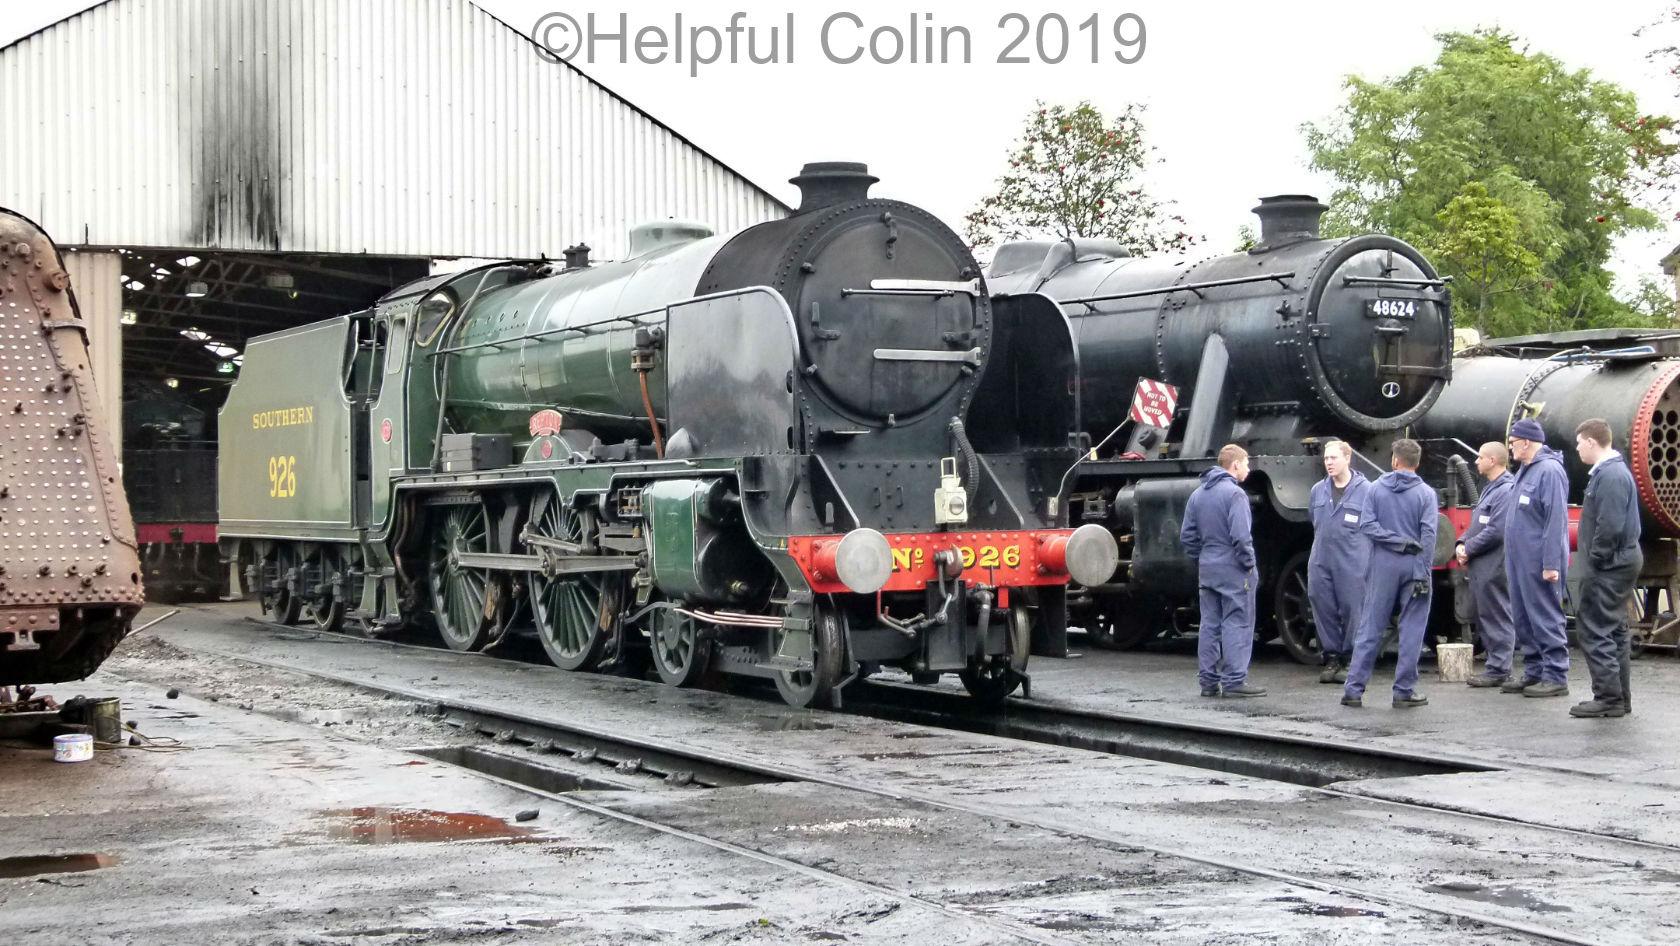 46521 & 78018 autumn steam gala 2019